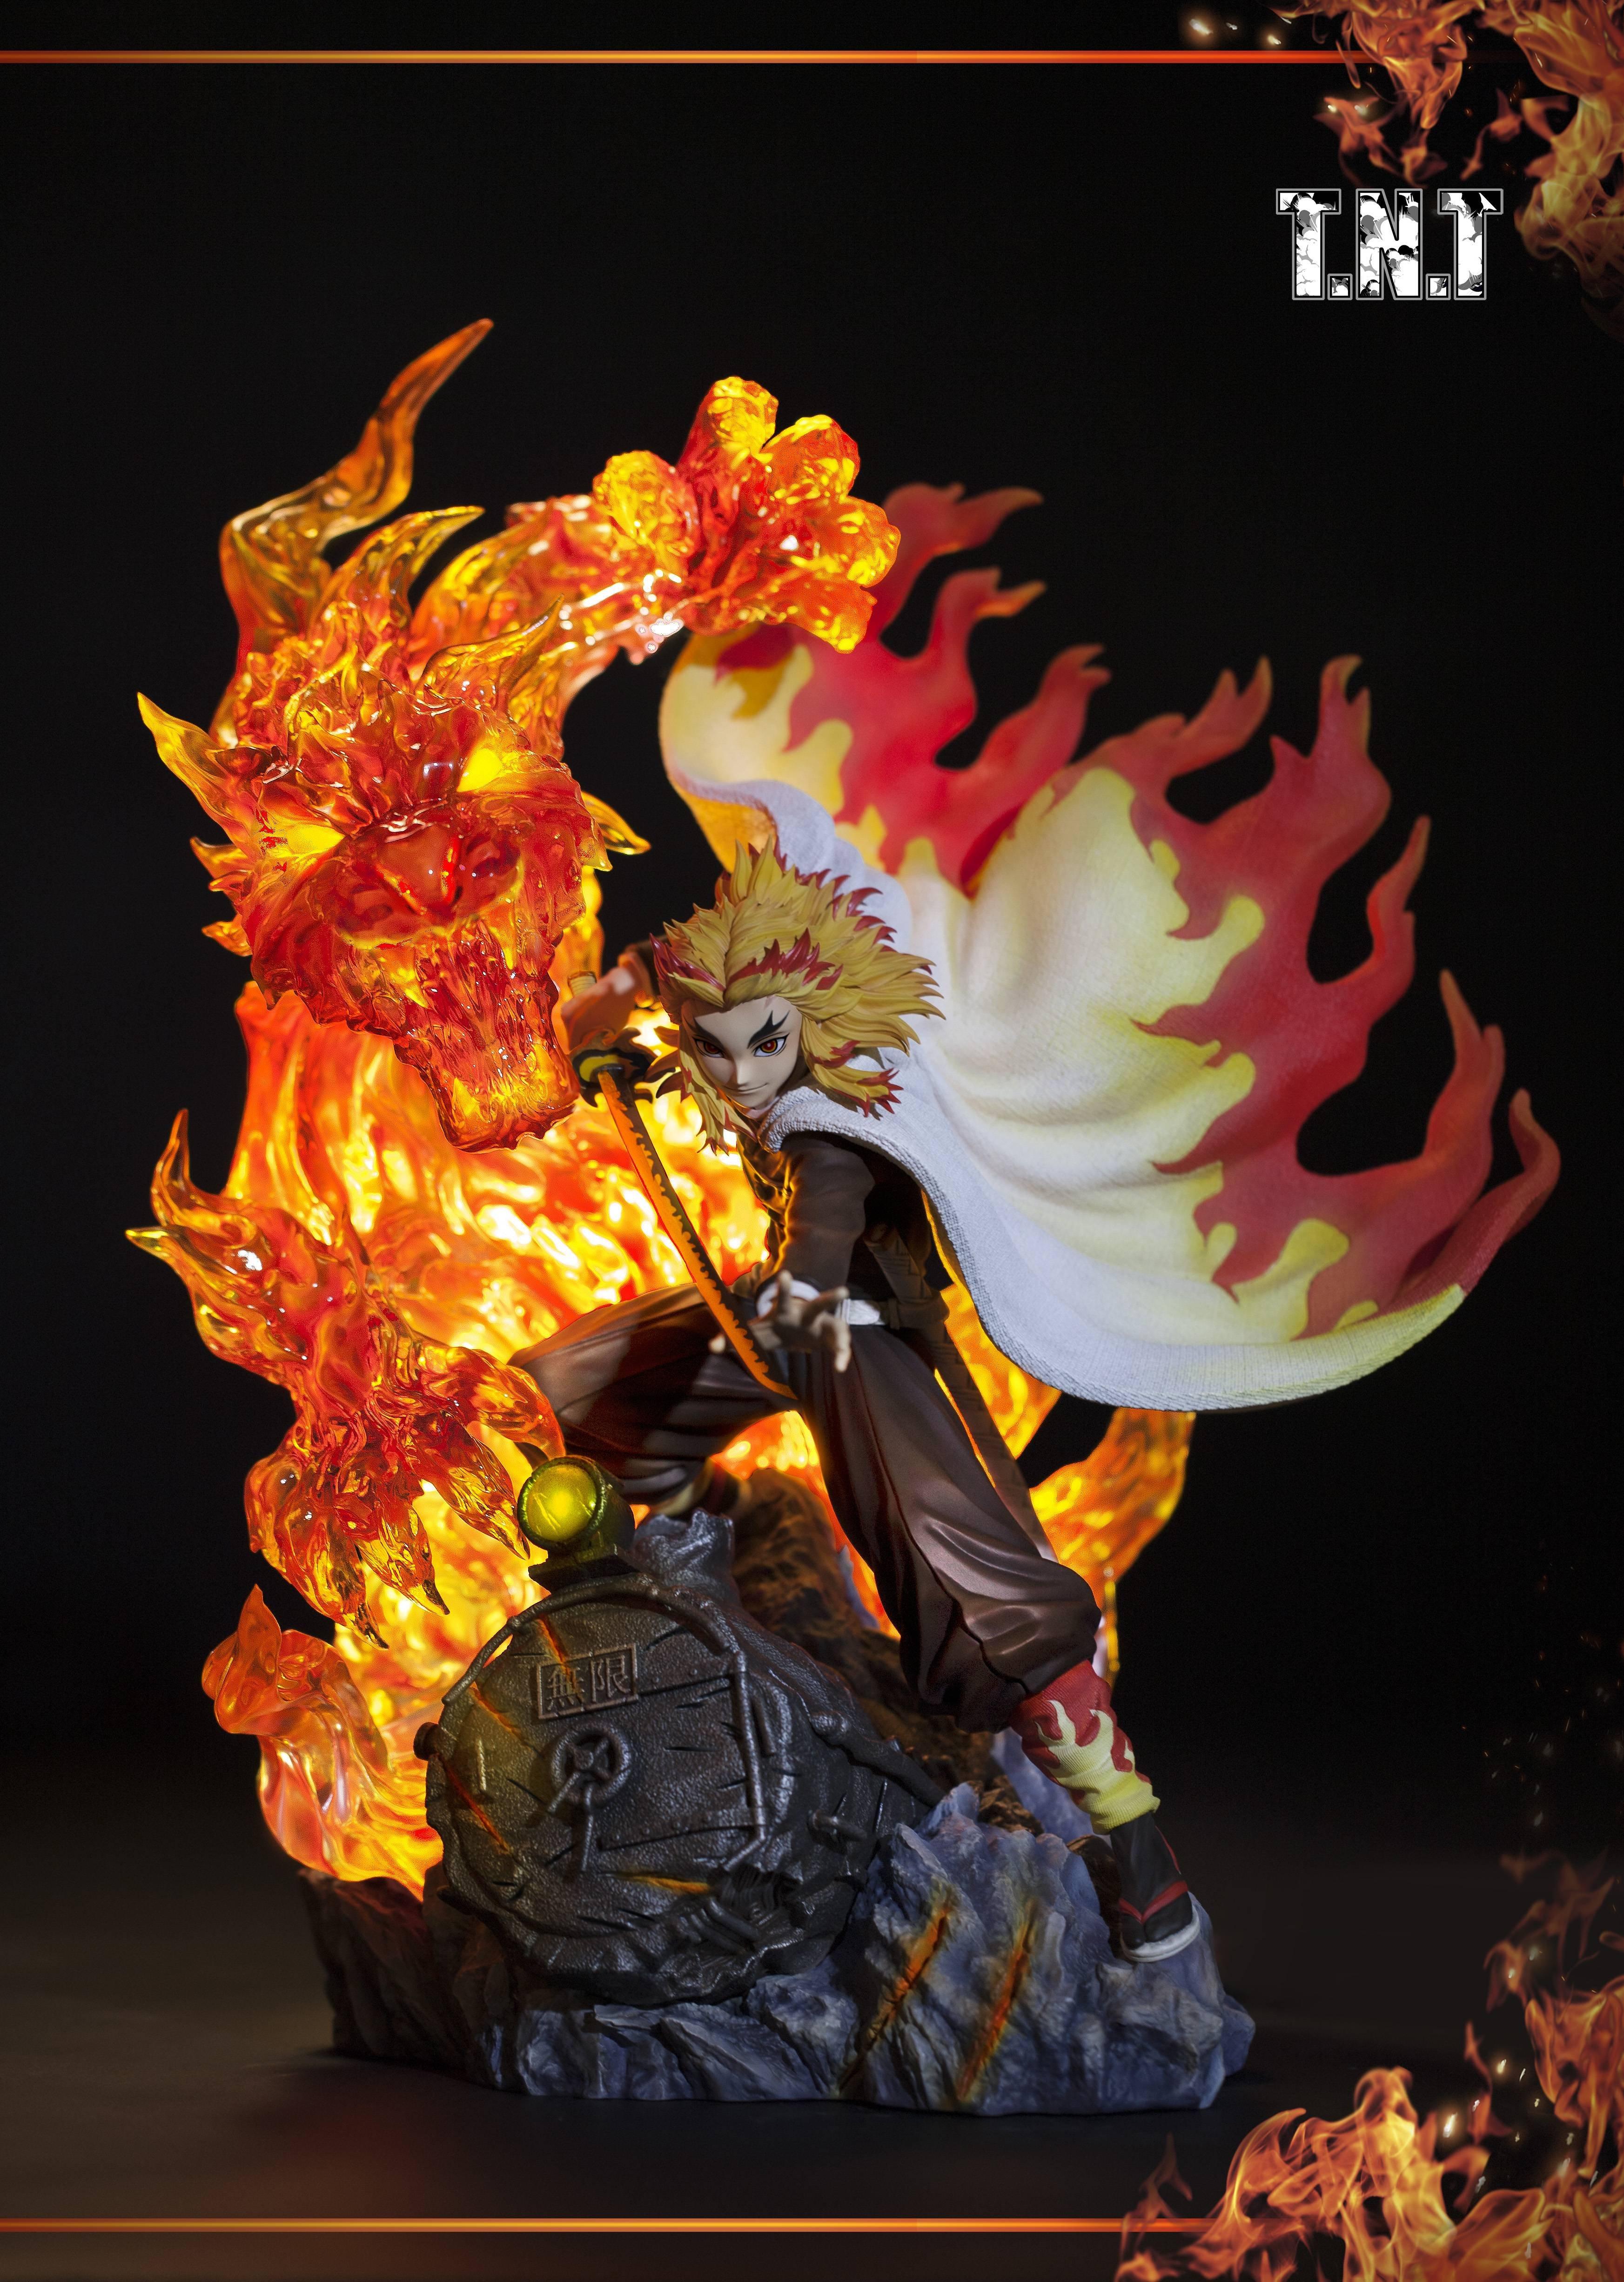 【預購】GK定制,鬼滅之刃,TNT水柱岩柱蟲柱,炎柱煉獄杏壽郎GK雕像,手辦模型